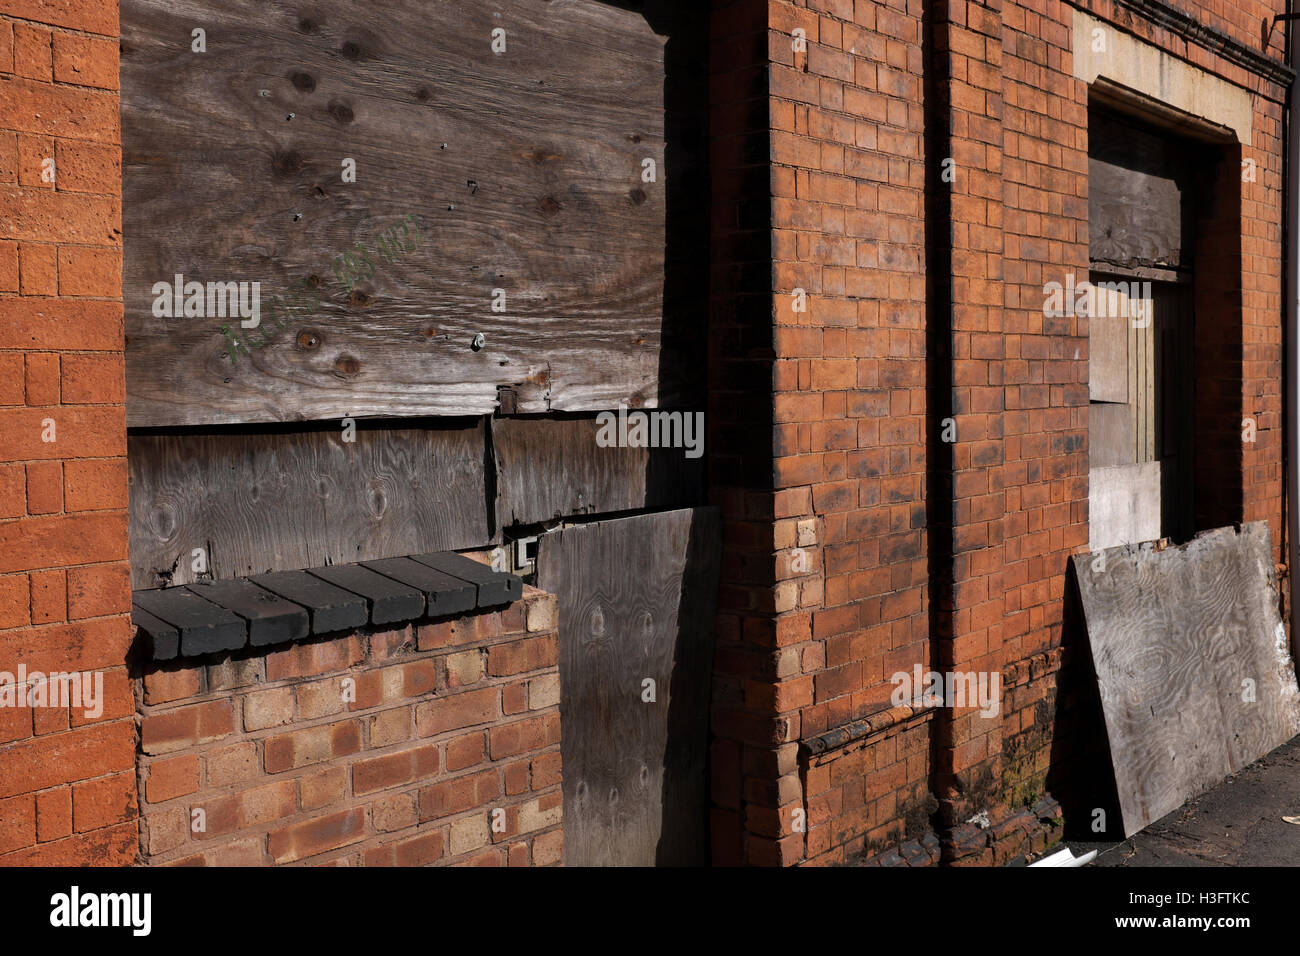 Derelict buildings in the Jewellery Quarter, Birmingham, England, UK - Stock Image